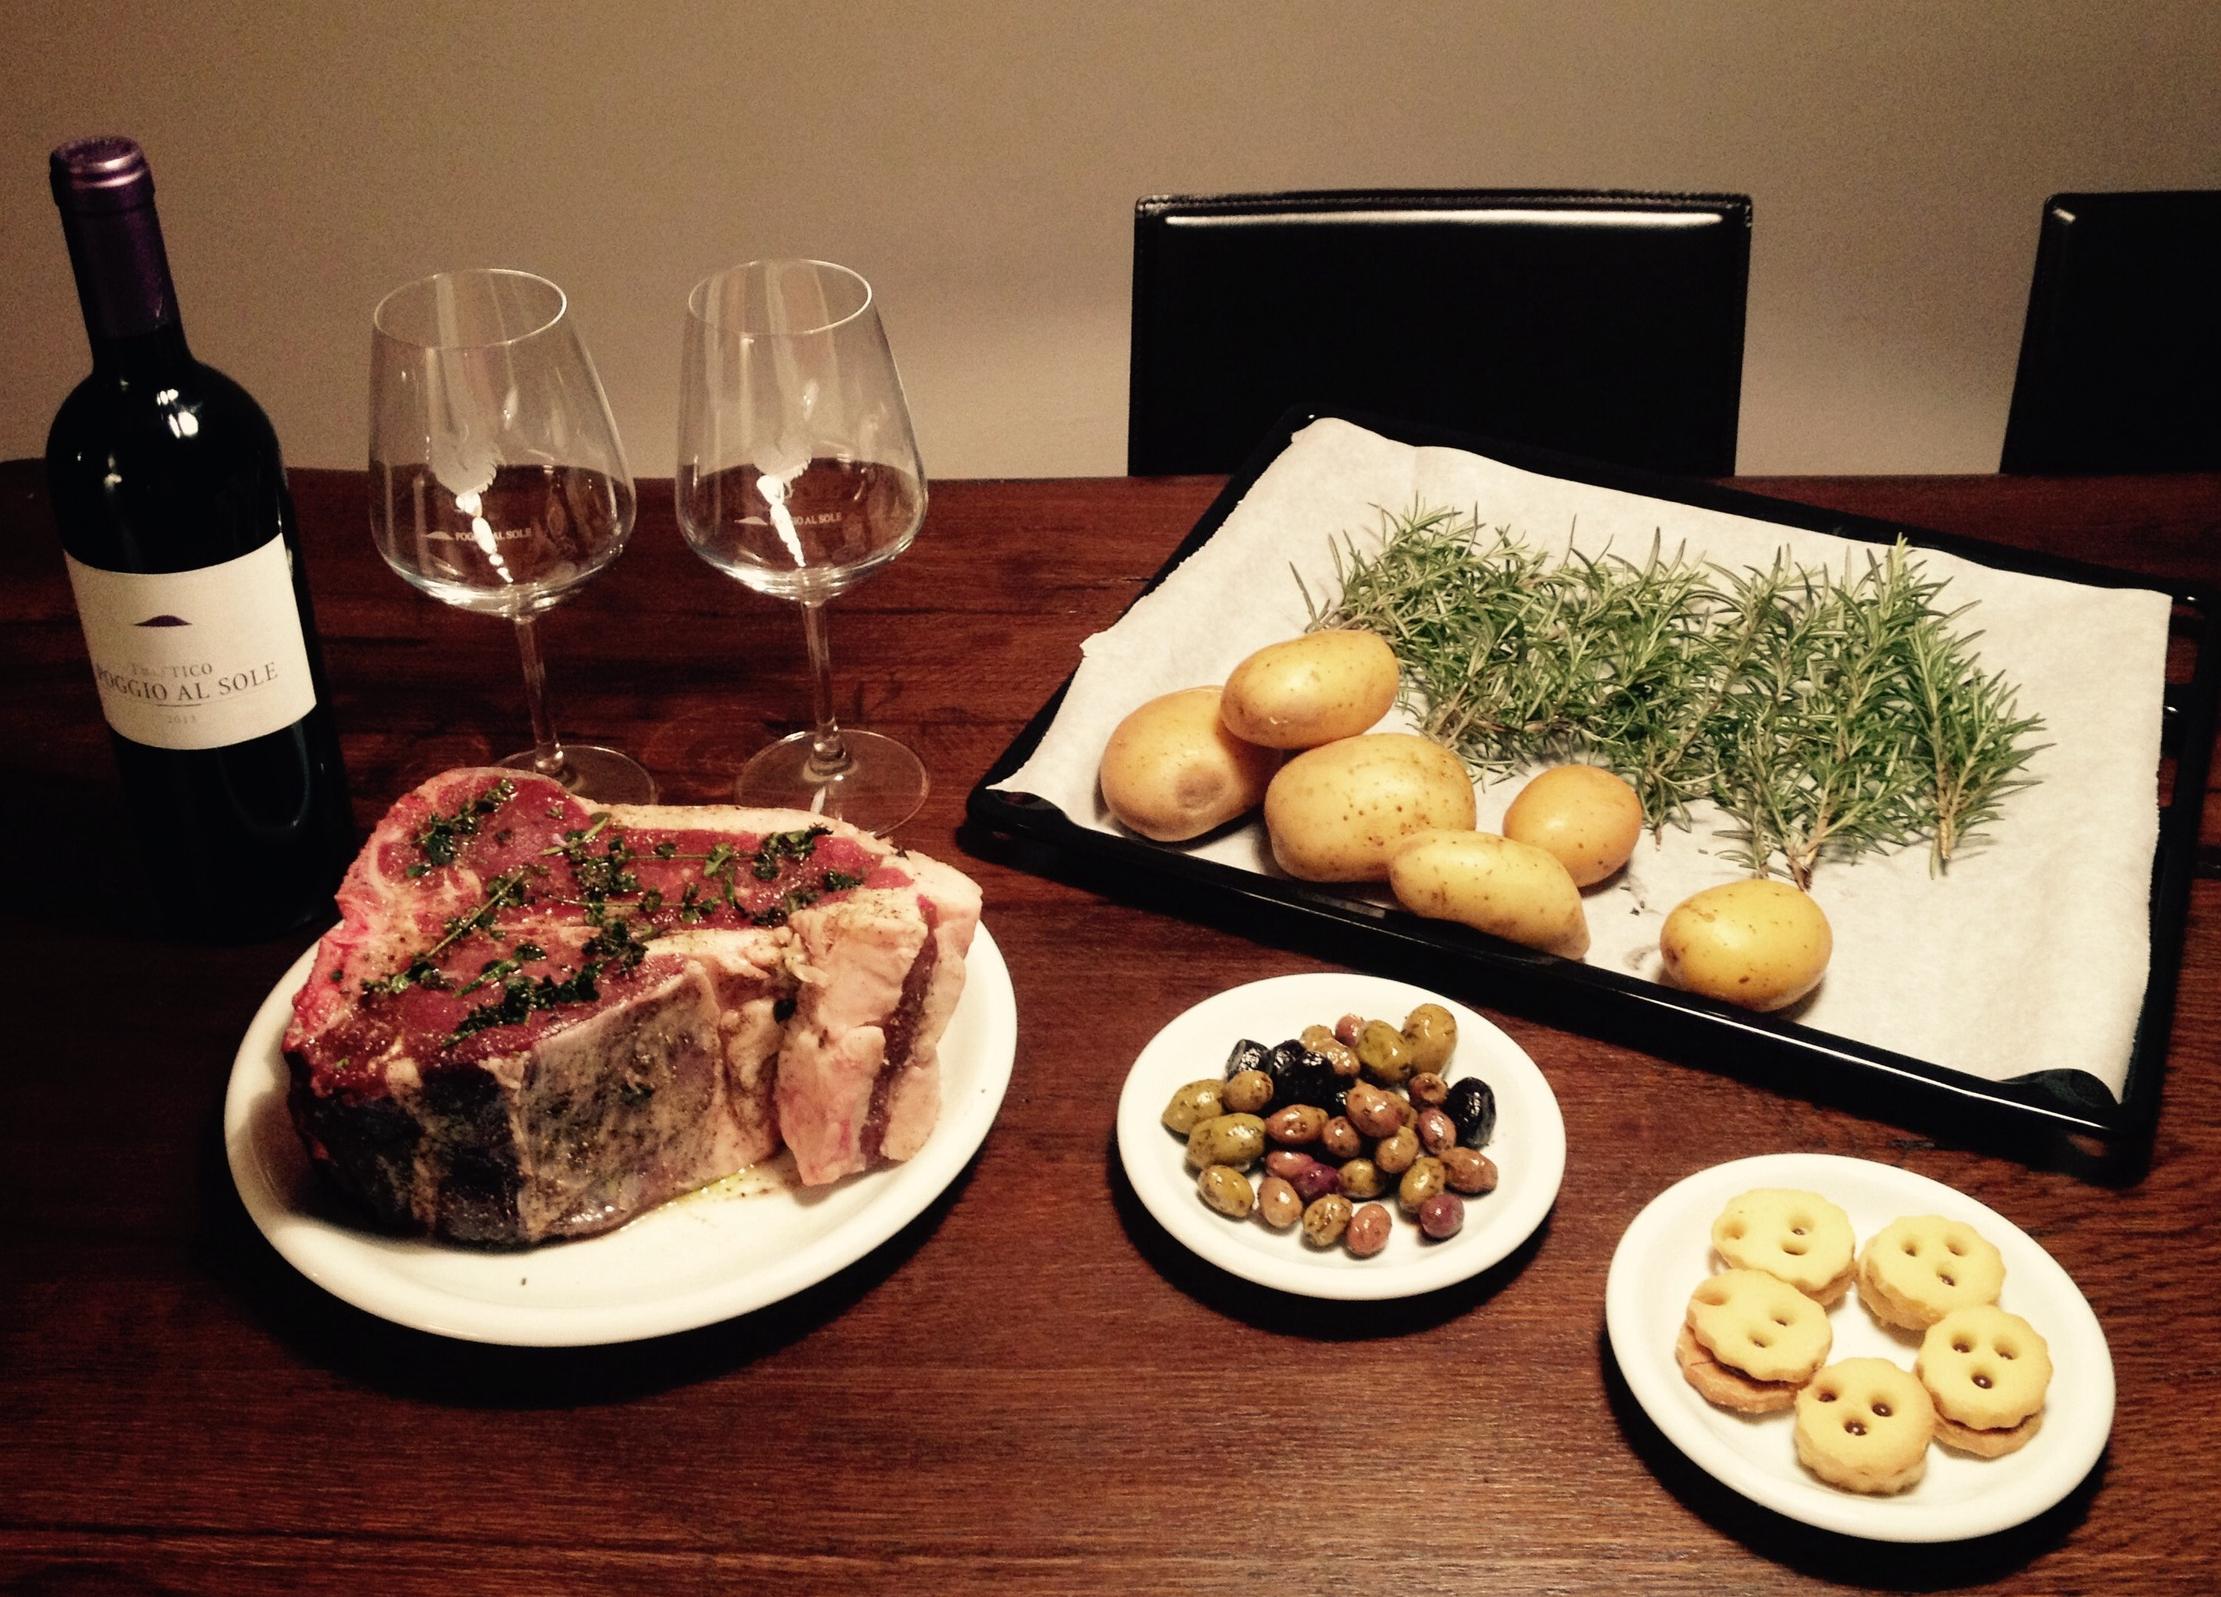 Antes de cocinarla, preparamos la bistecca con la sal de hierbas provista por Dario Cecchini junto con instrucciones específicas de cocción. Foto: Bruny Nieves